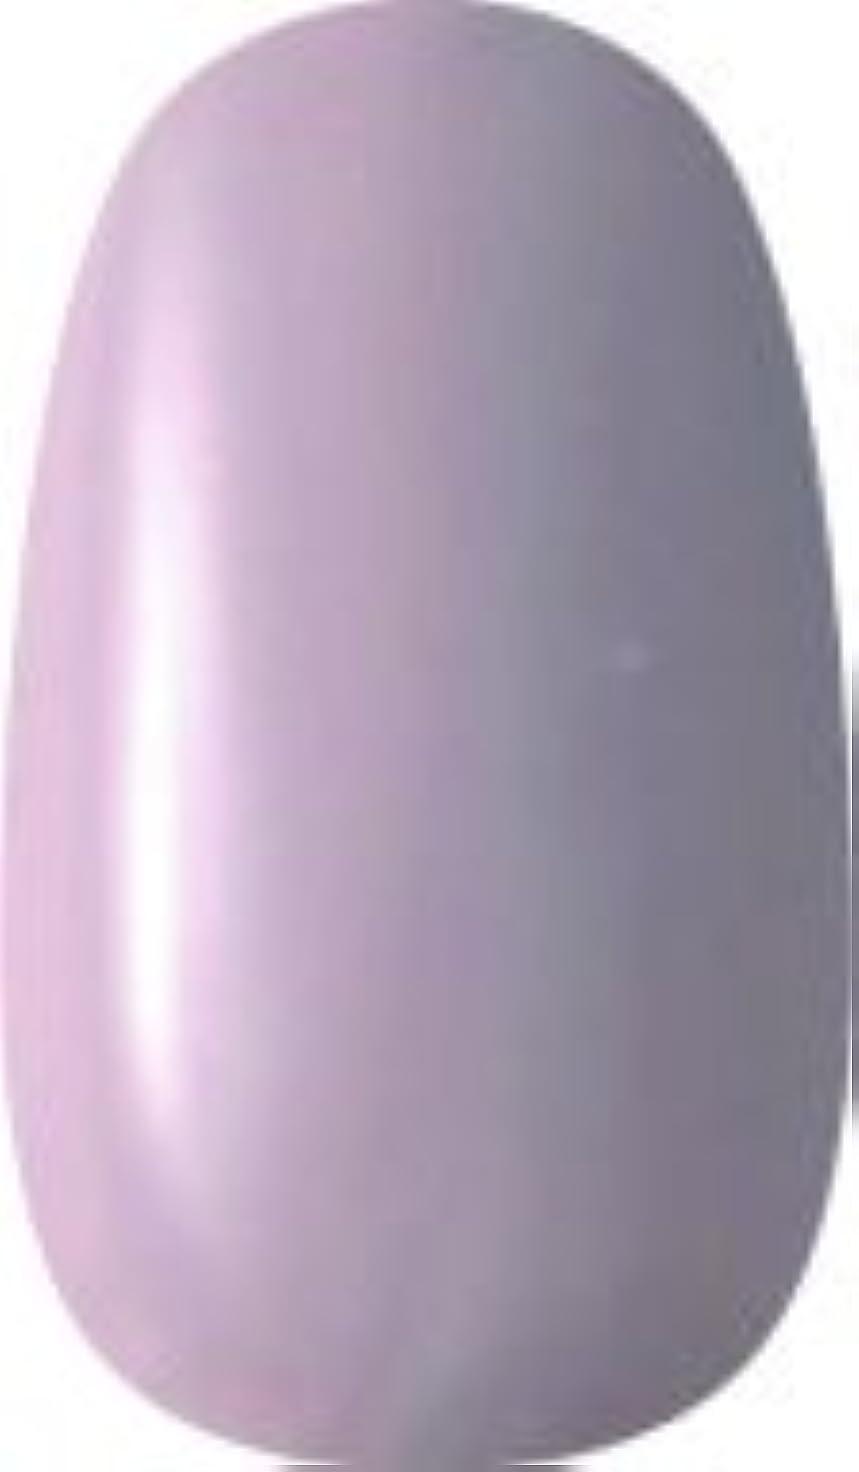 意味安全な南極ラク カラージェル(52-シナモン)8g 今話題のラクジェル 素早く仕上カラージェル 抜群の発色とツヤ 国産ポリッシュタイプ オールインワン ワンステップジェルネイル RAKU COLOR GEL #52